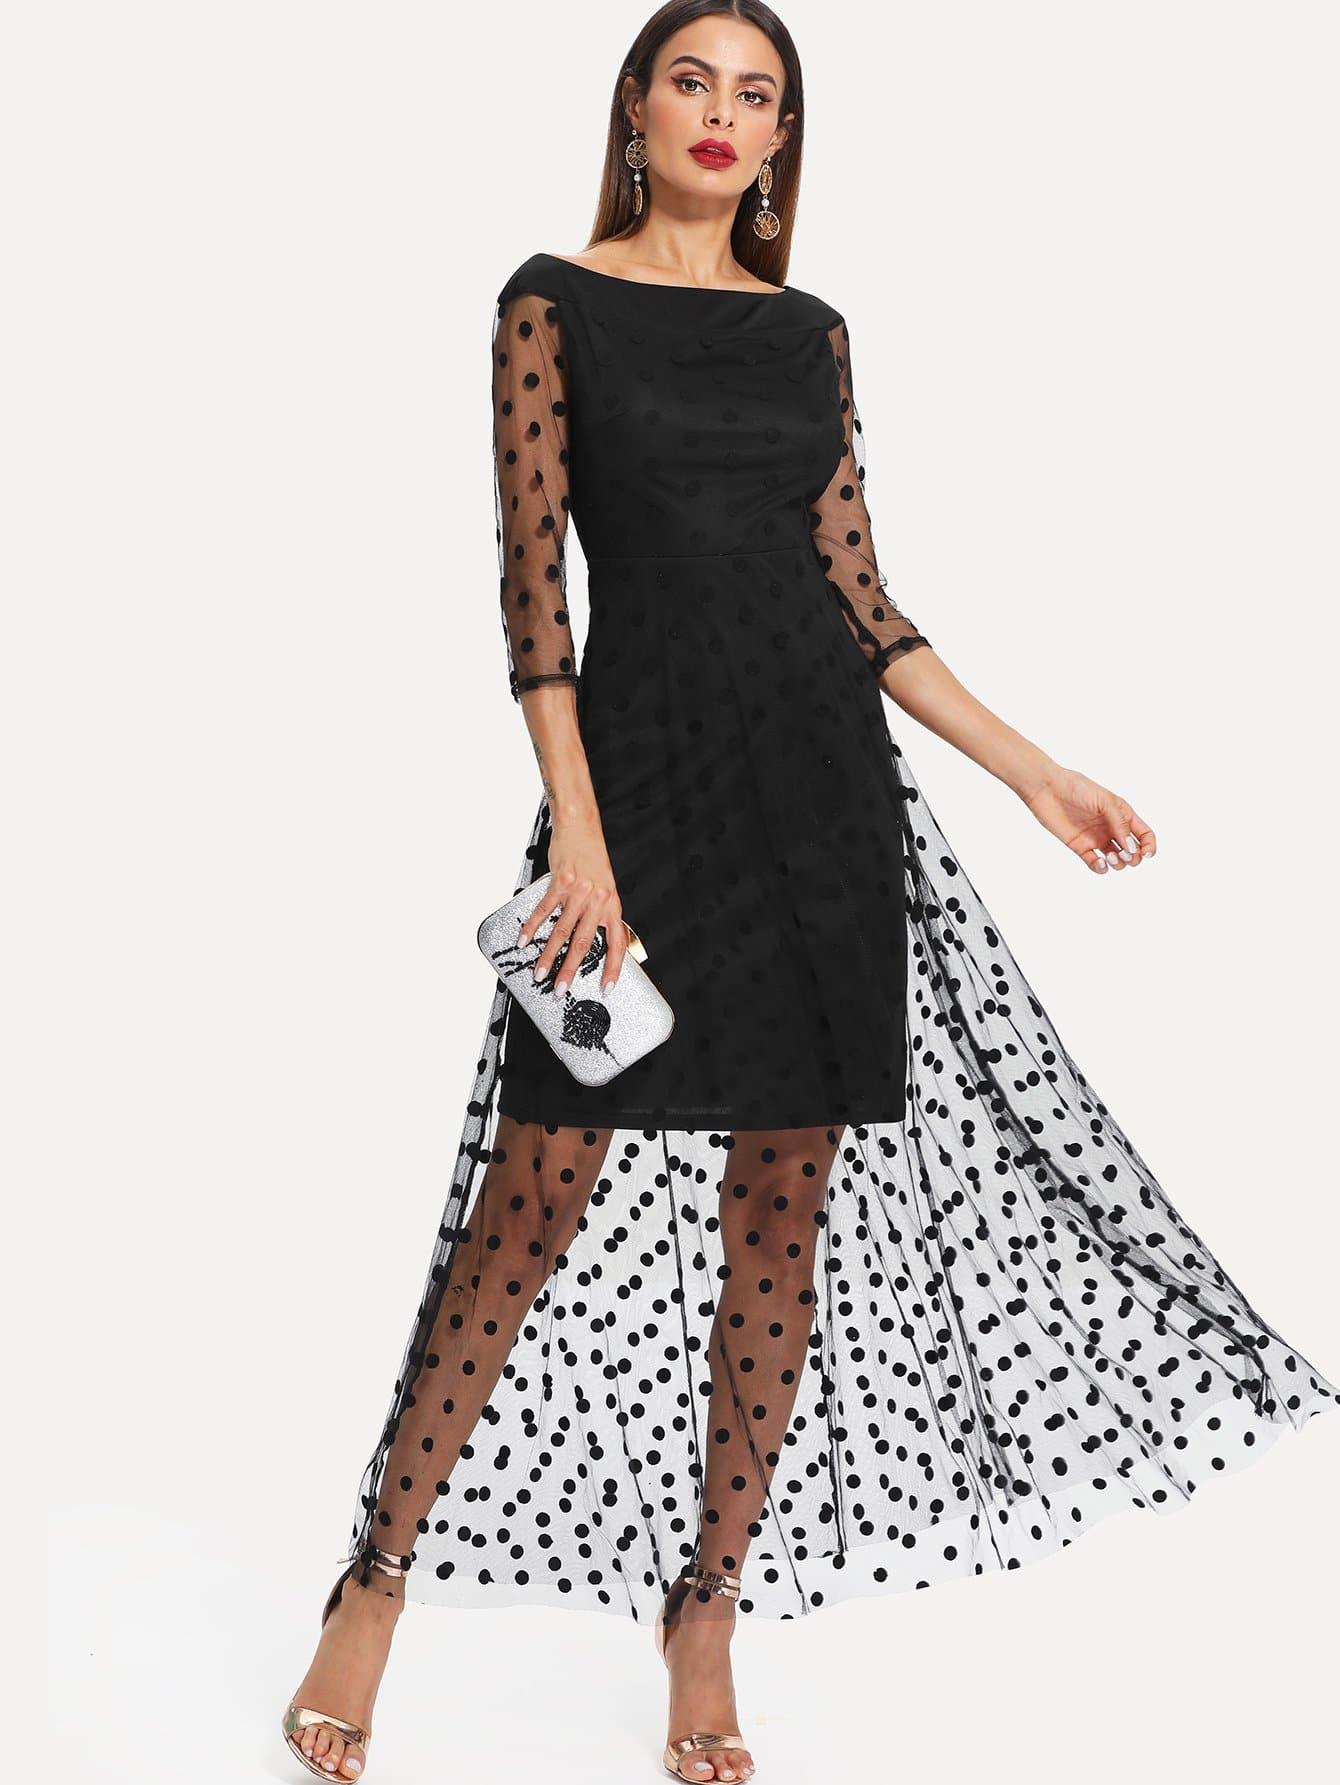 Polka Dot Mesh Overlay Dress long sleeve mesh polka dot dress